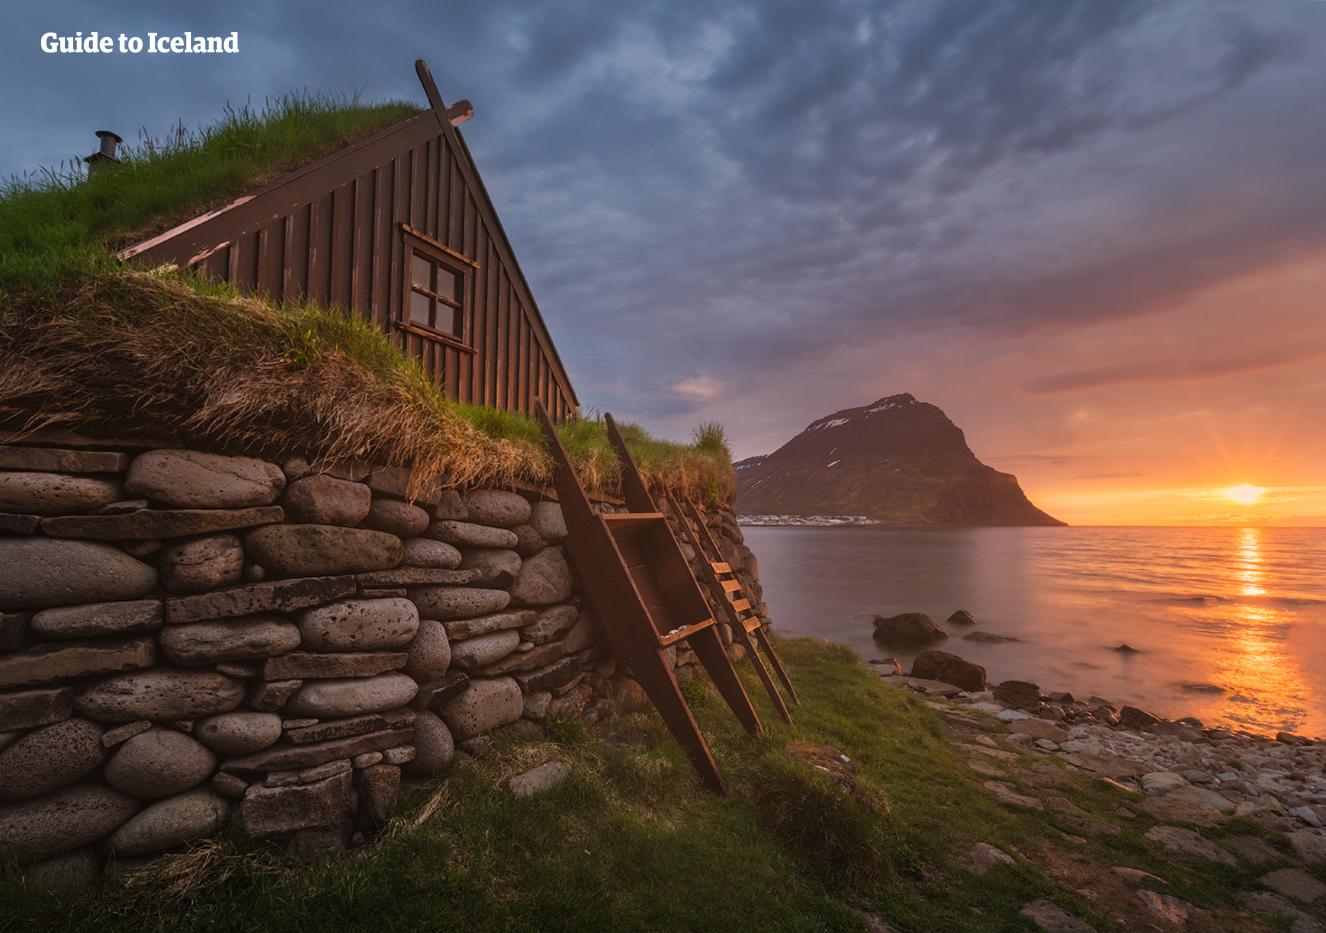 Maisons aux toits recouverts d'herber sous le soleil de minuit, dans la région des fjords de l'Ouest.